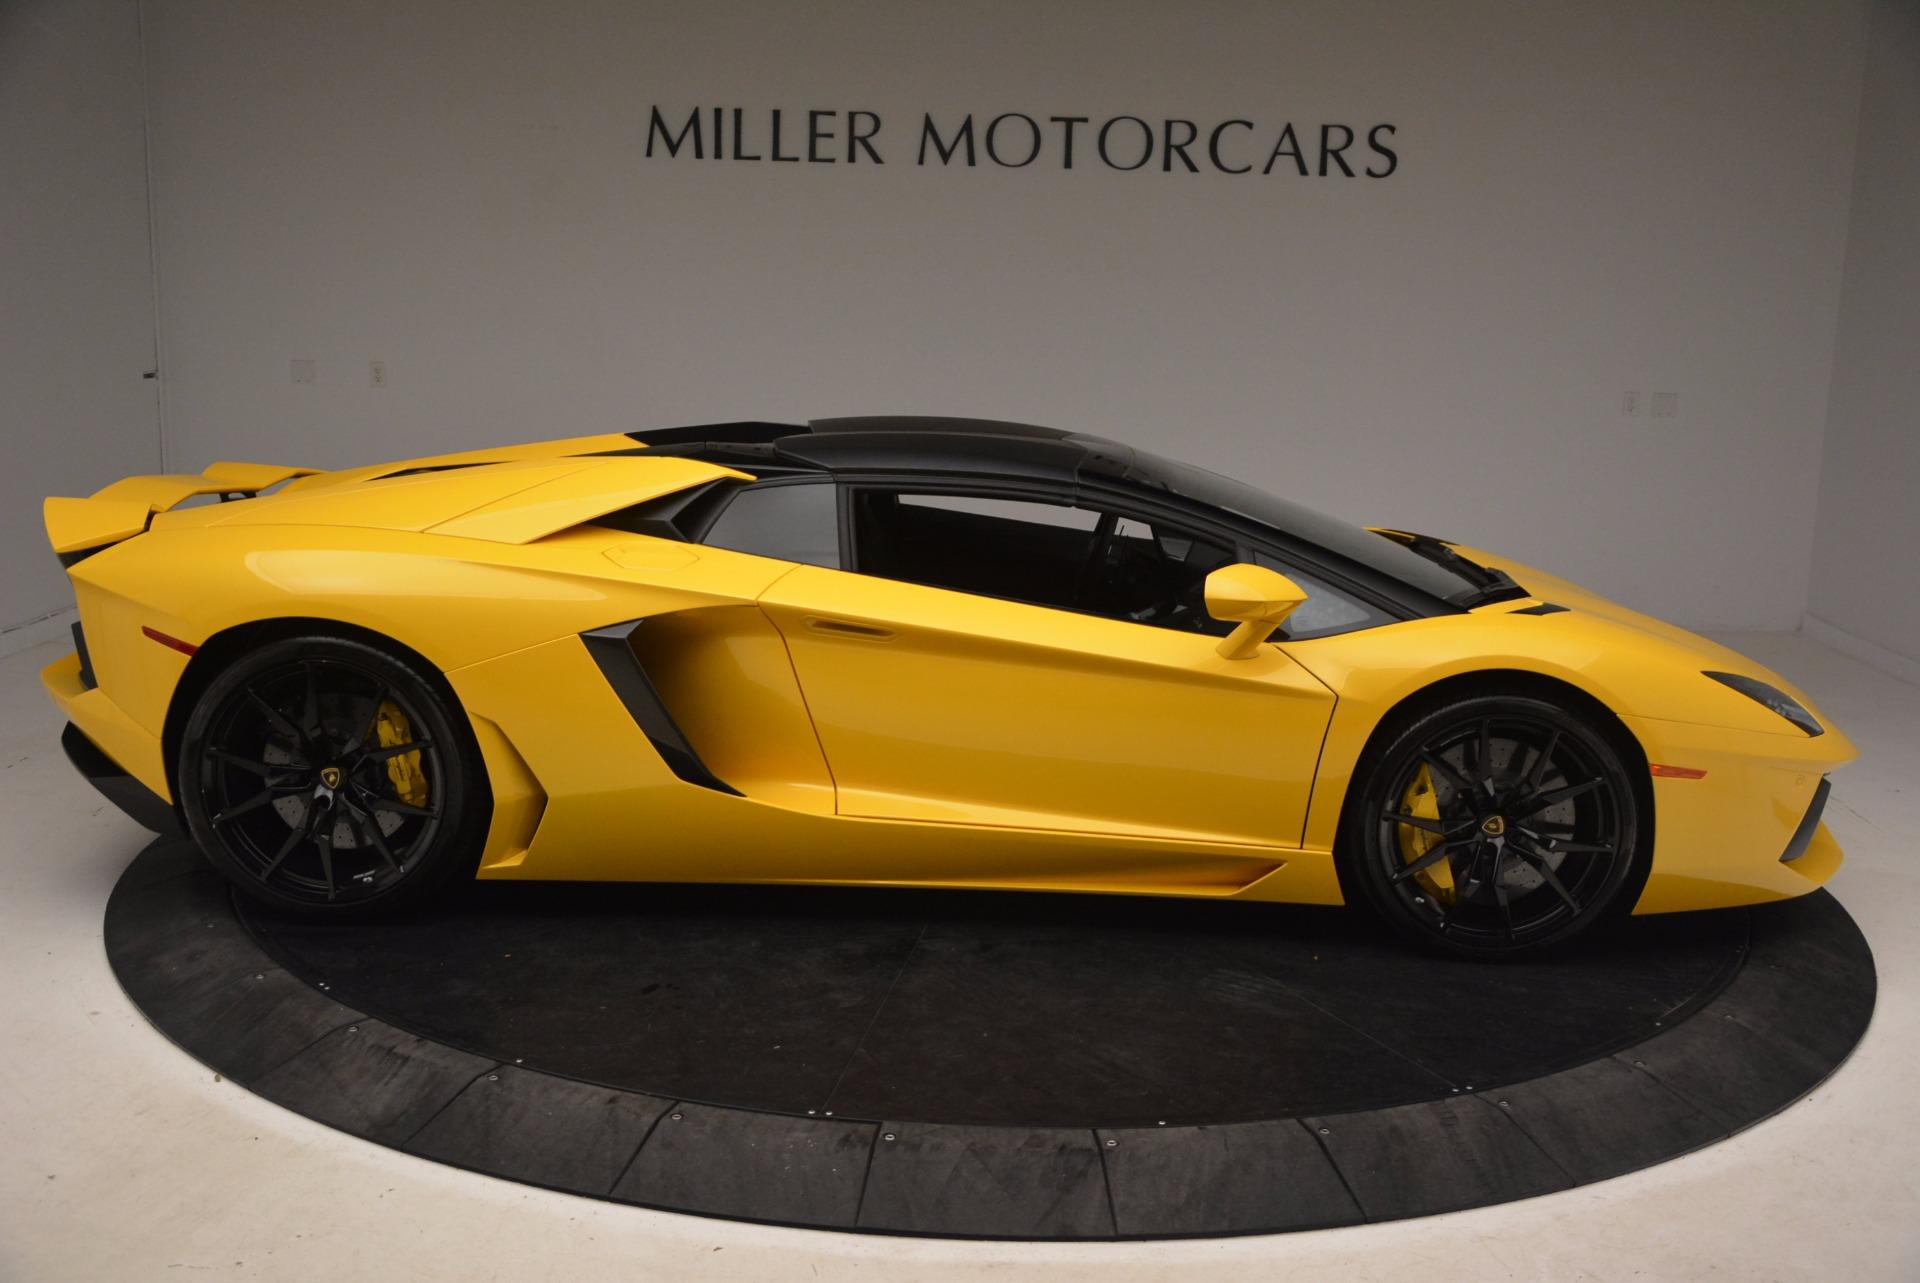 Used 2015 Lamborghini Aventador LP 700-4 Roadster For Sale In Greenwich, CT 1774_p28